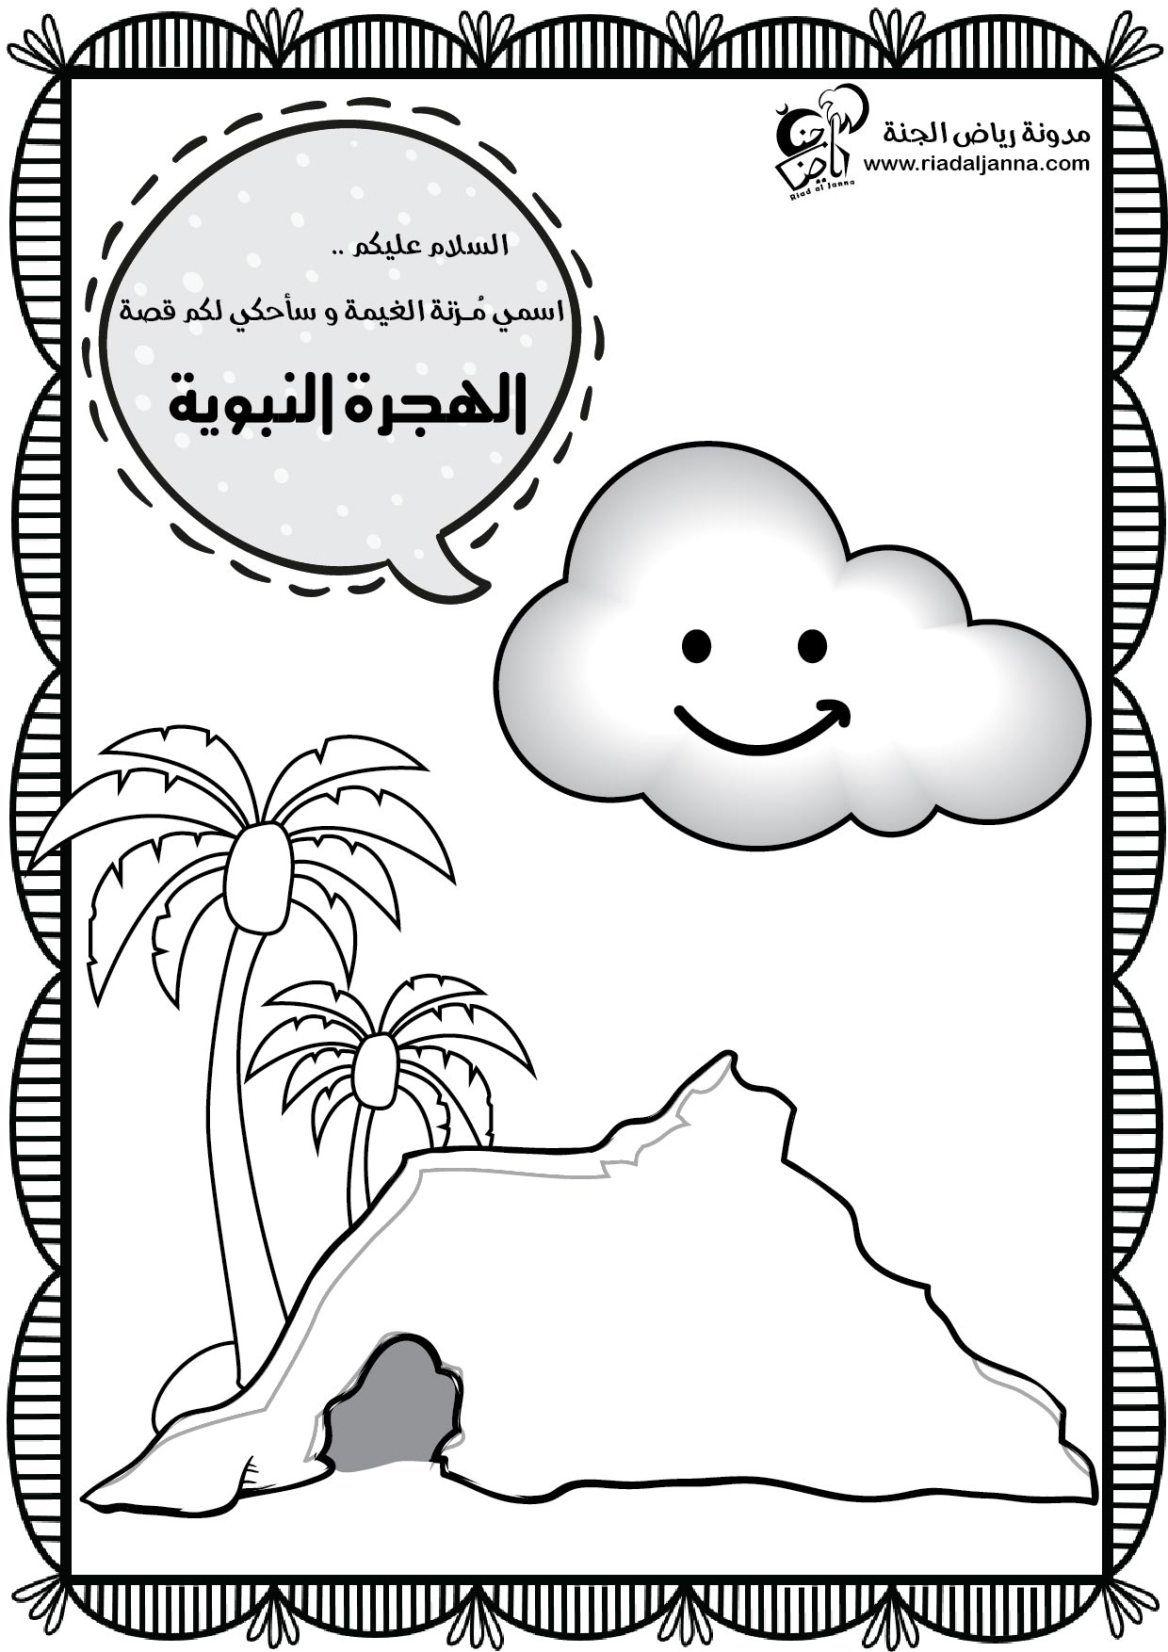 أوراق عمل تشرح قصة الهجرة النبوية للأطفال مع تمارين ممتعة و رسوم للمسجد النبوي قديما و حديثا بأ Muslim Kids Activities Islamic Kids Activities Islam For Kids